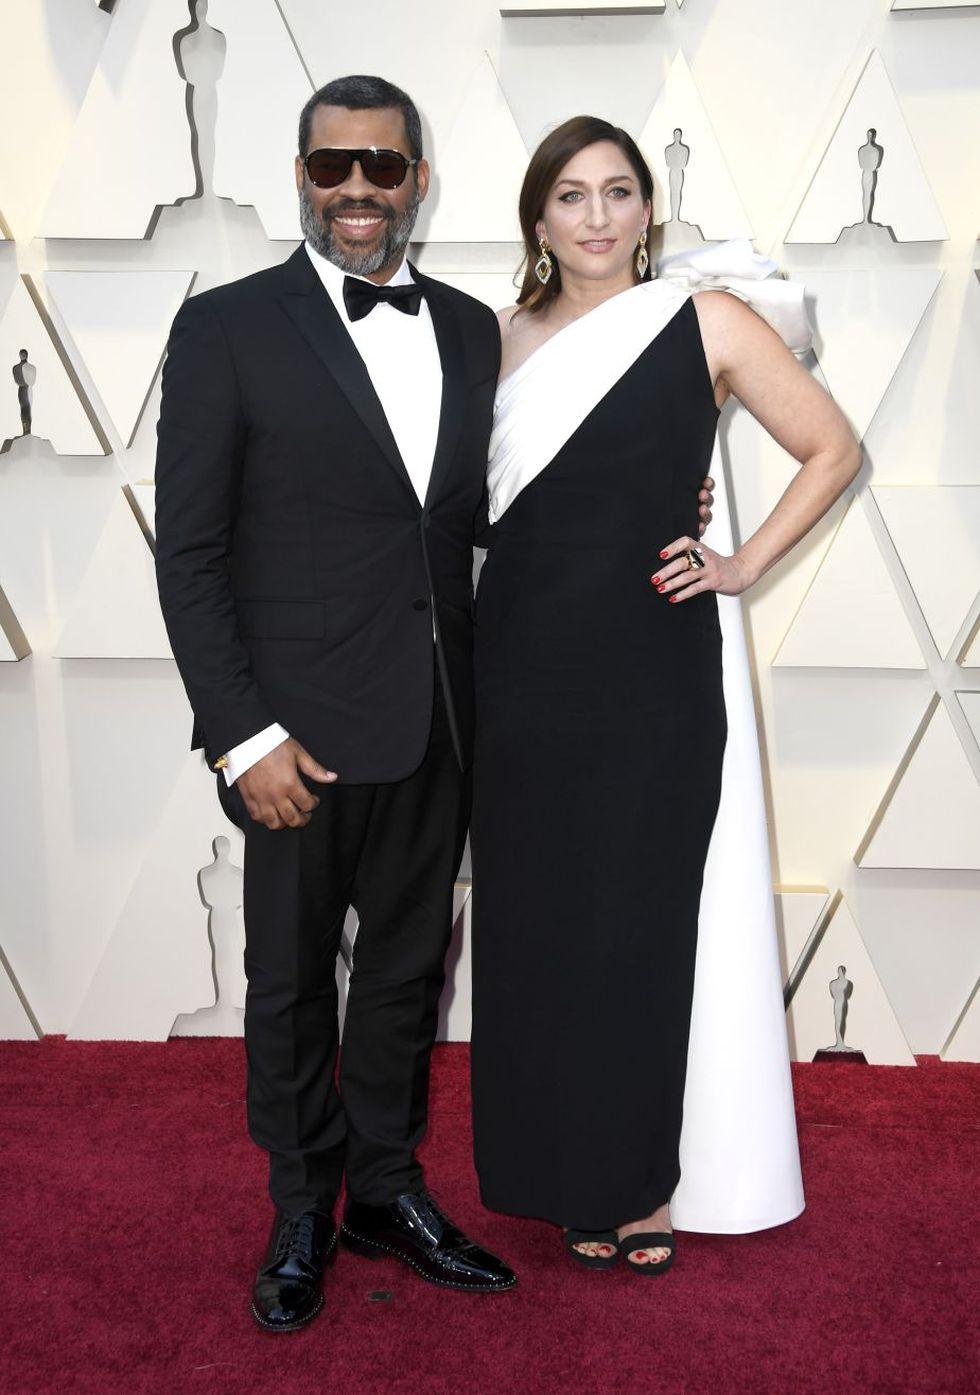 El director Jordan Peele y su esposa, Chelsea Peretti (Foto: AFP)